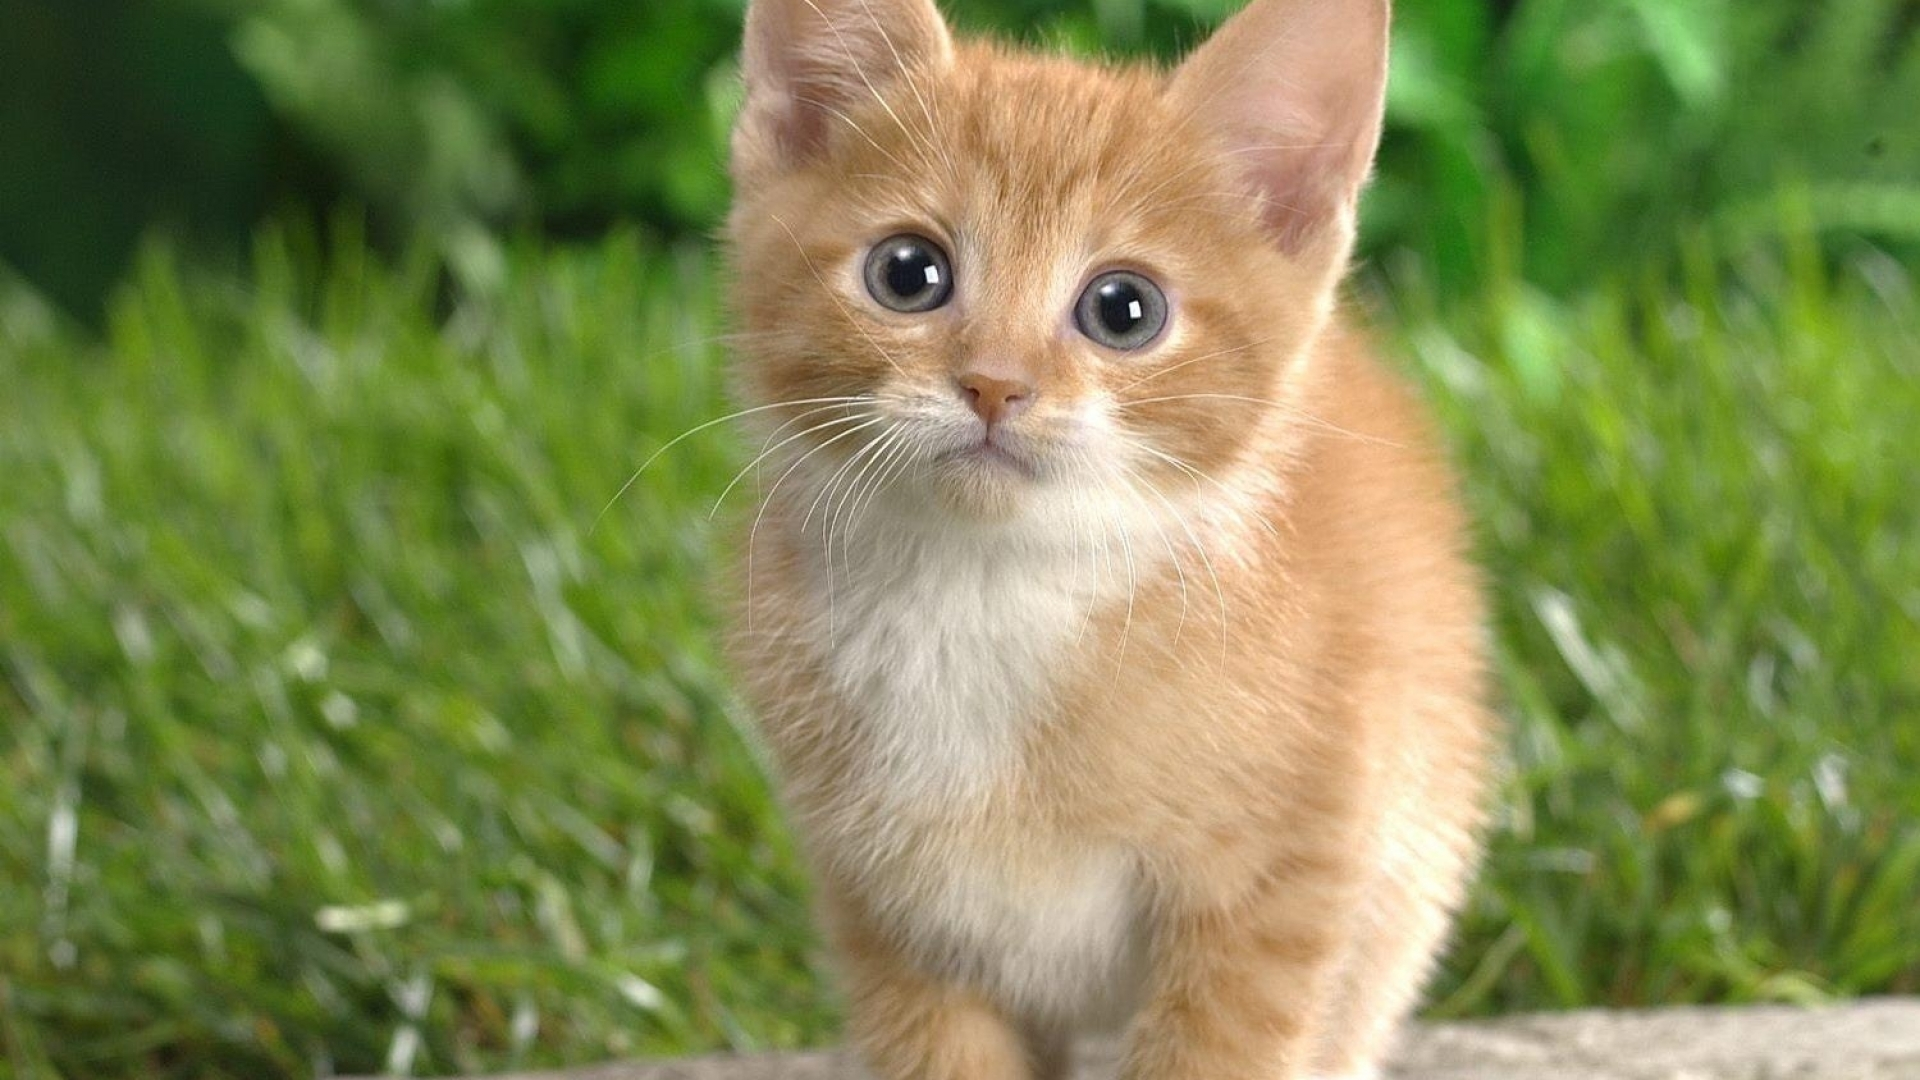 маленький рыжий котенок на фоне зеленой травы, скачать фото